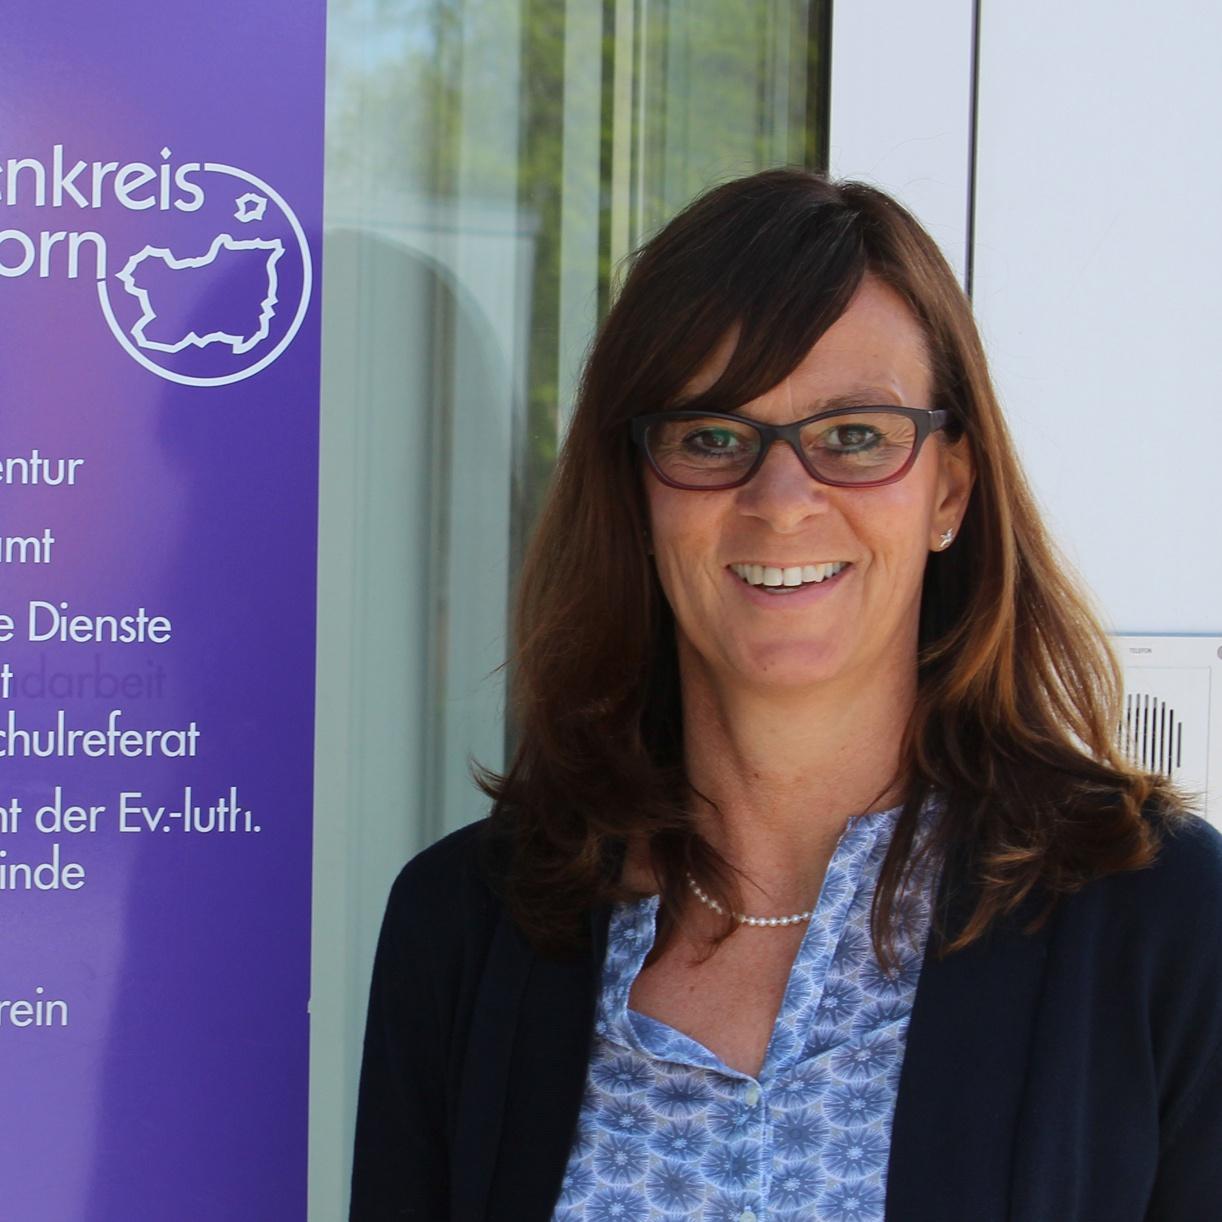 Neue Fachberaterin für evangelische Kindertageseinrichtungen Ulrike Freitag-Friedrich verbindet Praxis und Beratung